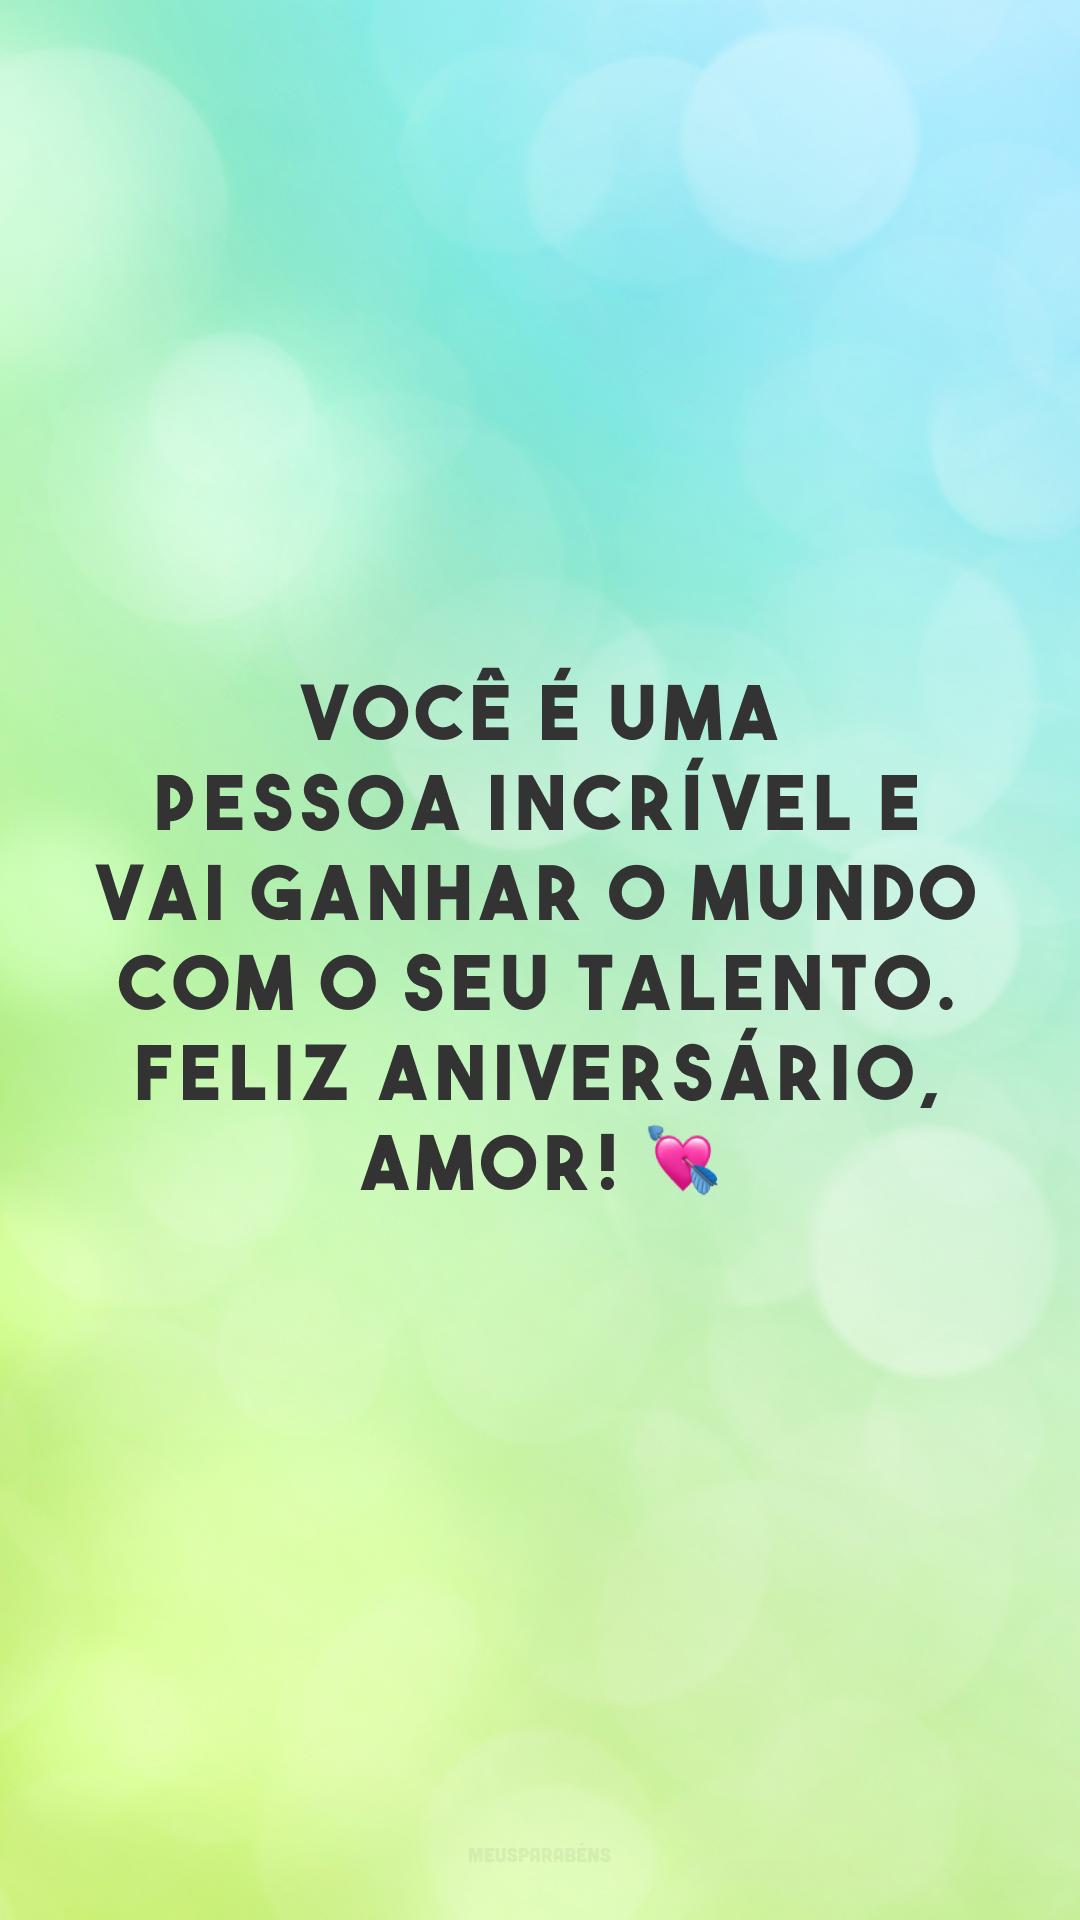 Você é uma pessoa incrível e vai ganhar o mundo com o seu talento. Feliz aniversário, amor! 💘